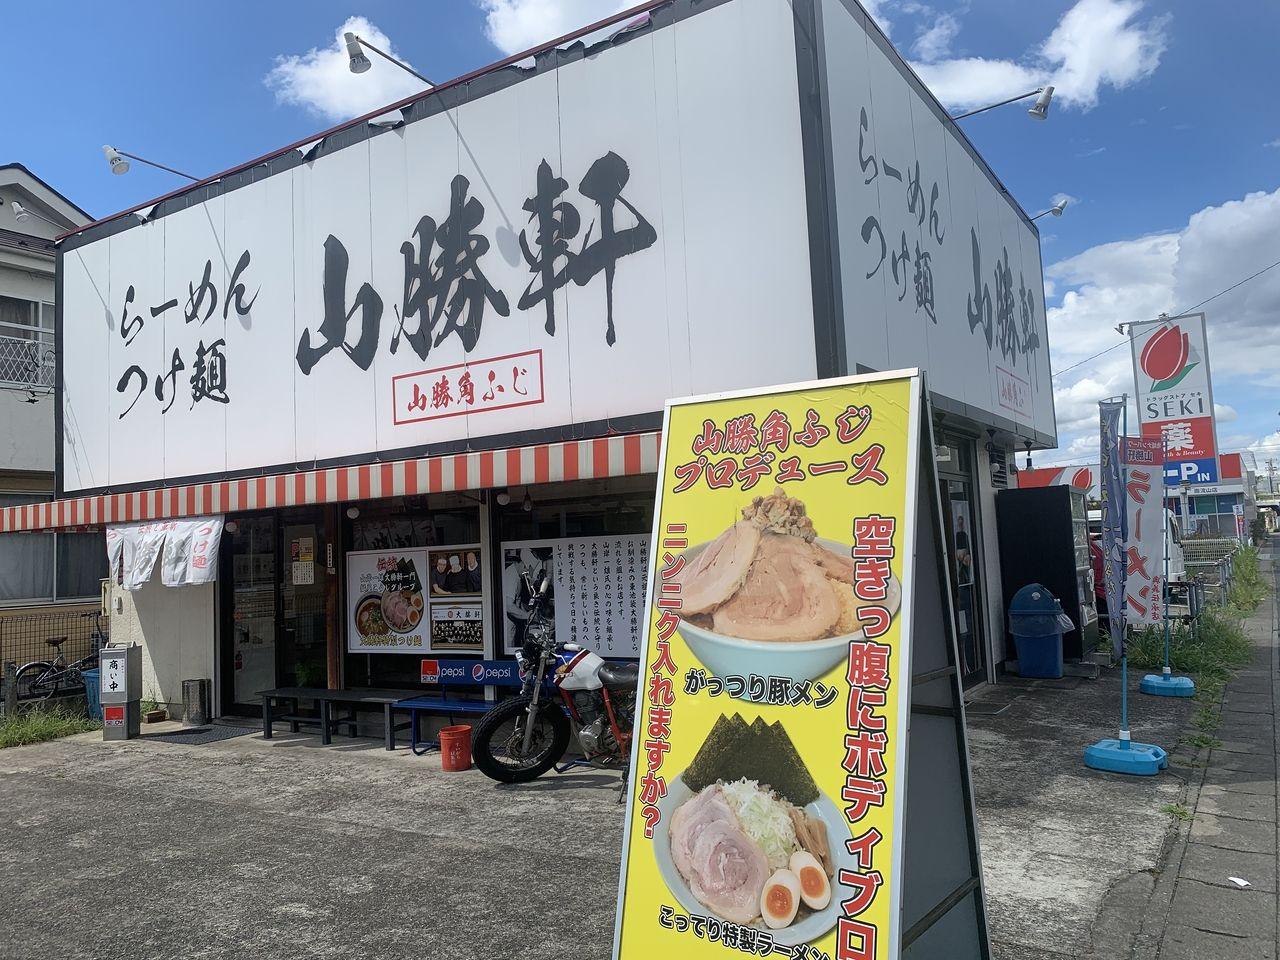 【南流山食べ歩きブログ】南流山7丁目にある角ふじ「山勝軒」へ行ってきました!